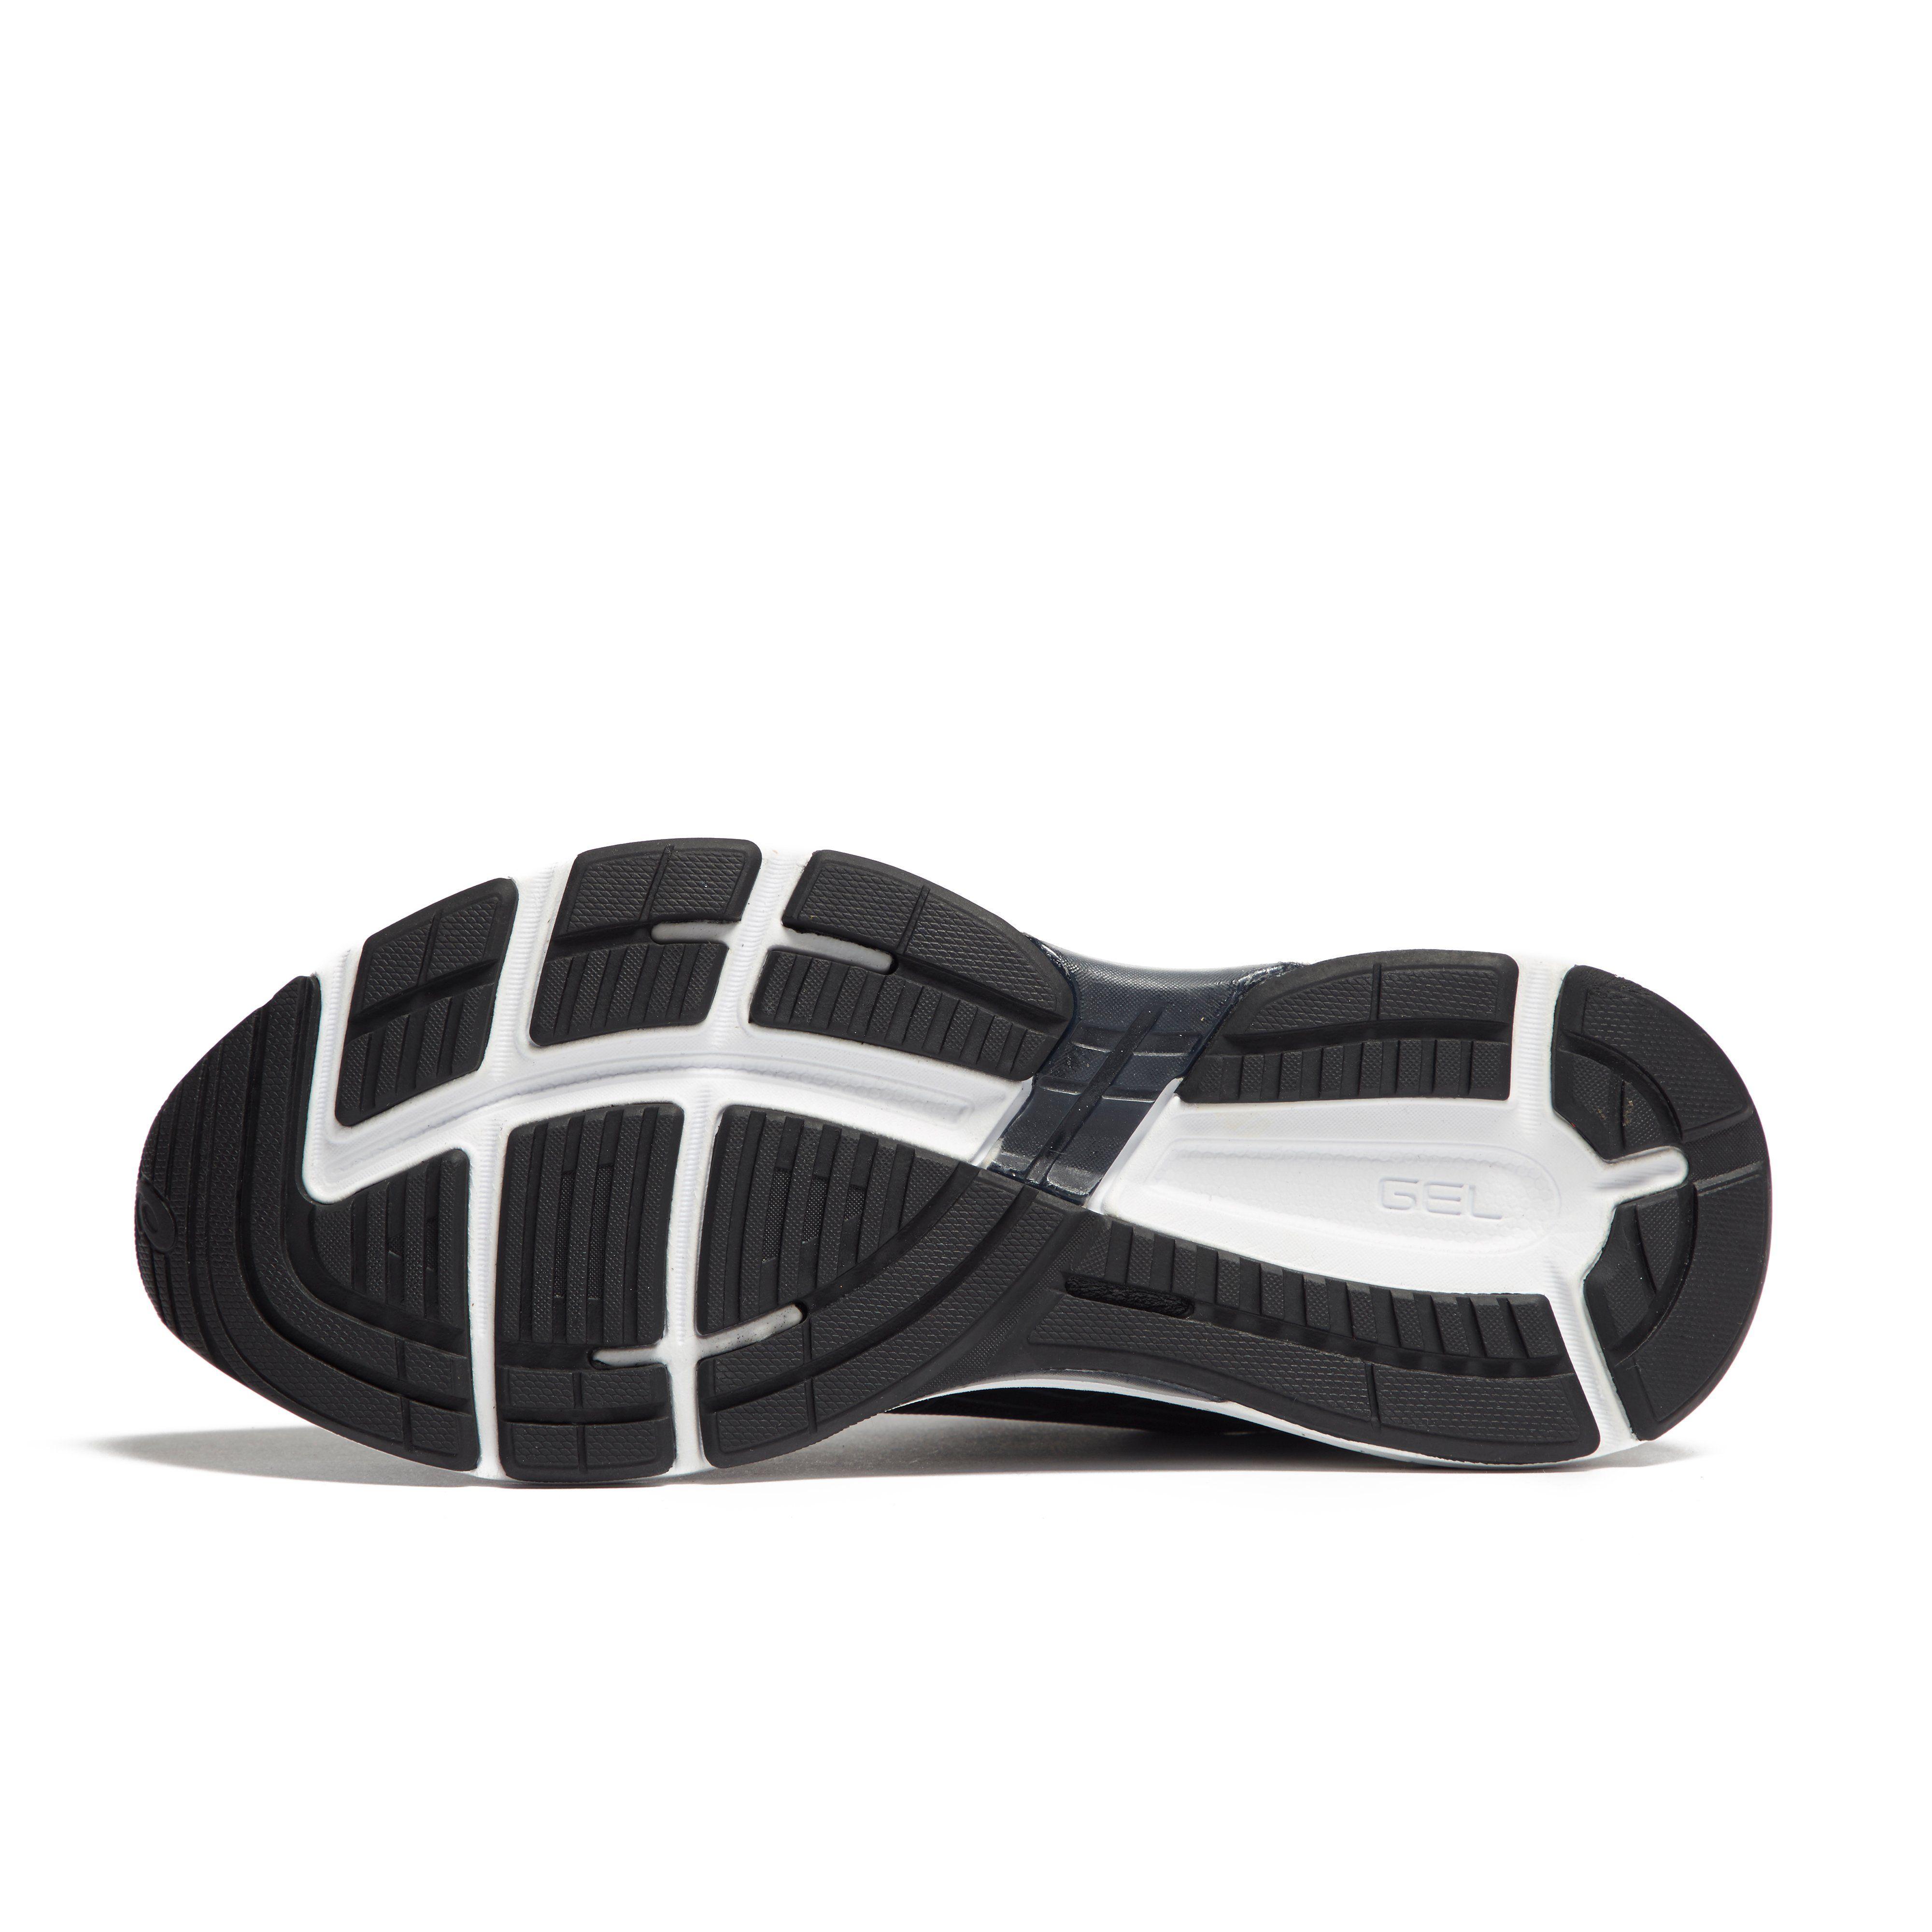 ASICS GEL-Exalt 5 Women's Running Shoes